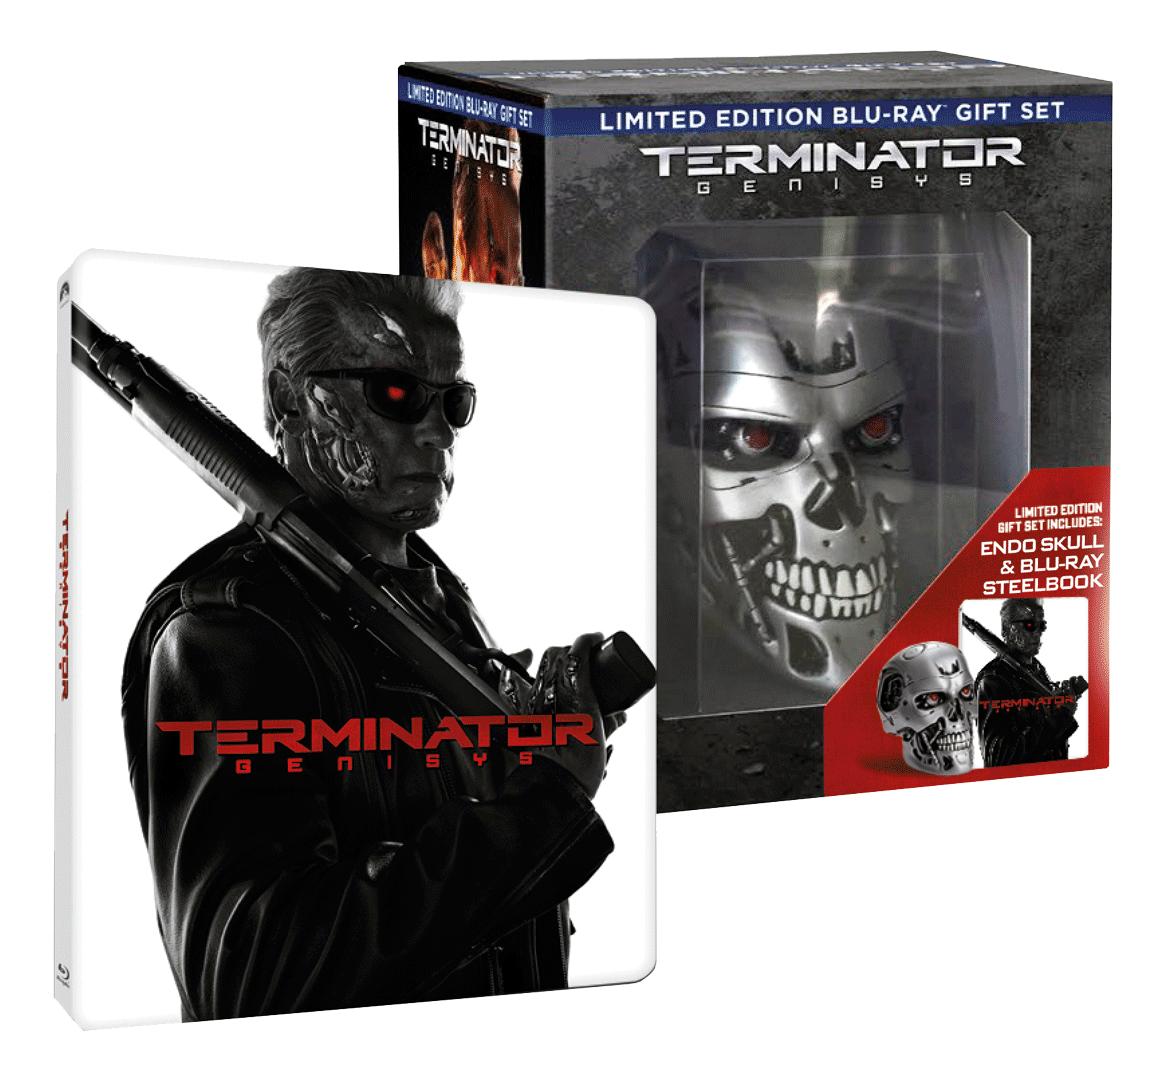 Terminator Genisys (Blu-ray 3D + 2x Blu-ray 2D, Steelbook, Sběratelské balení)